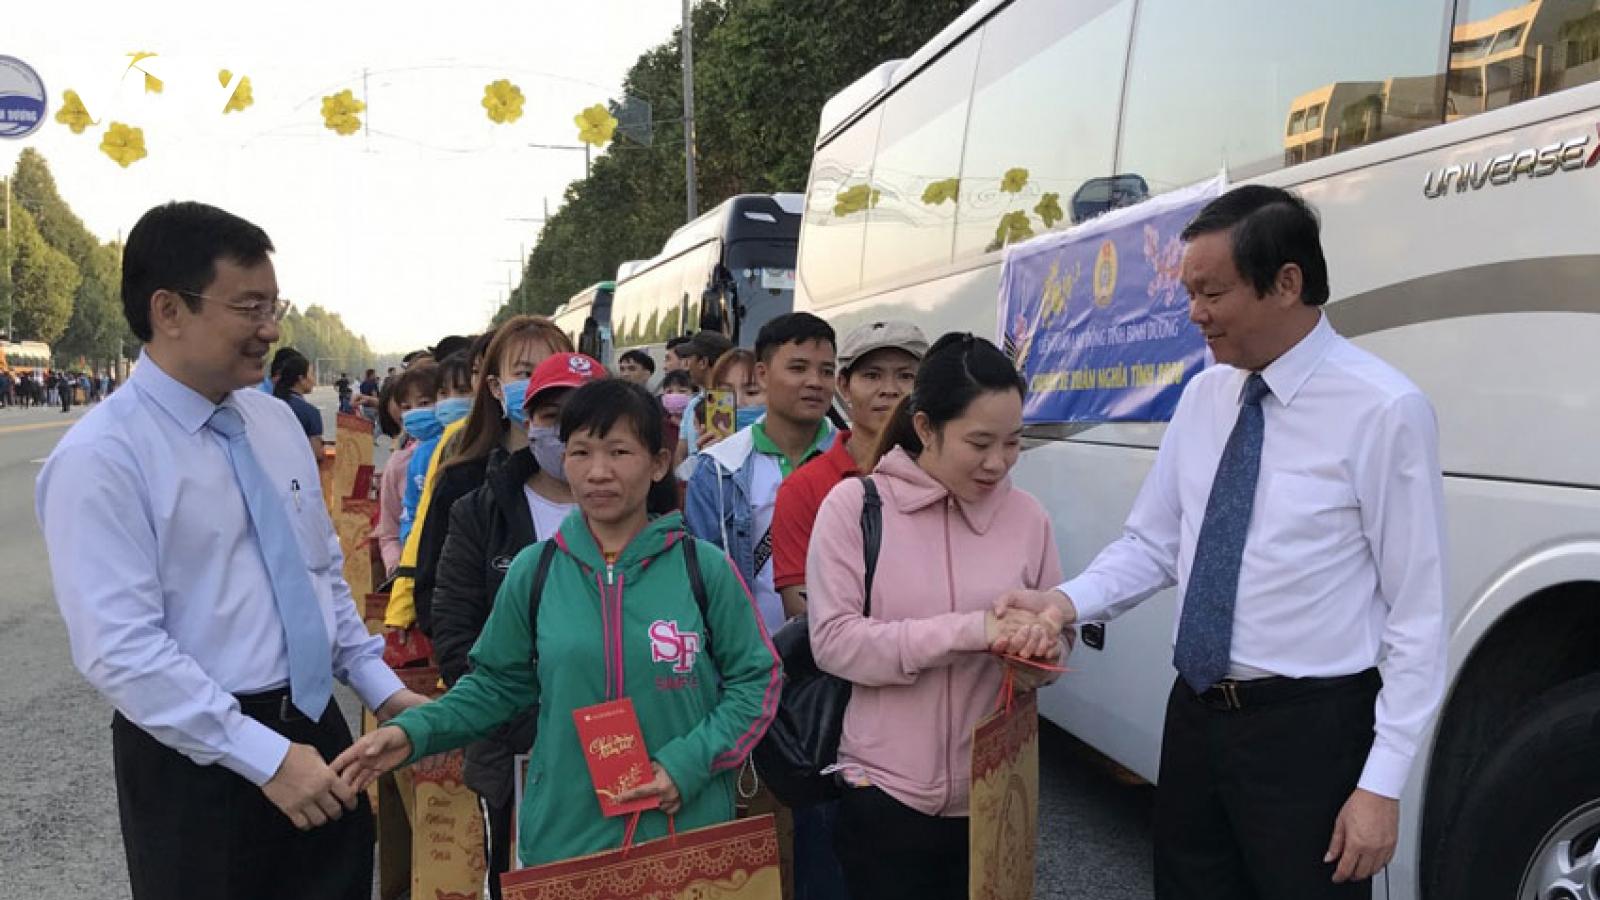 Bình Dương dừng tổ chức xe đưa công nhân về quê đón Tết để phòng dịch Covid-19